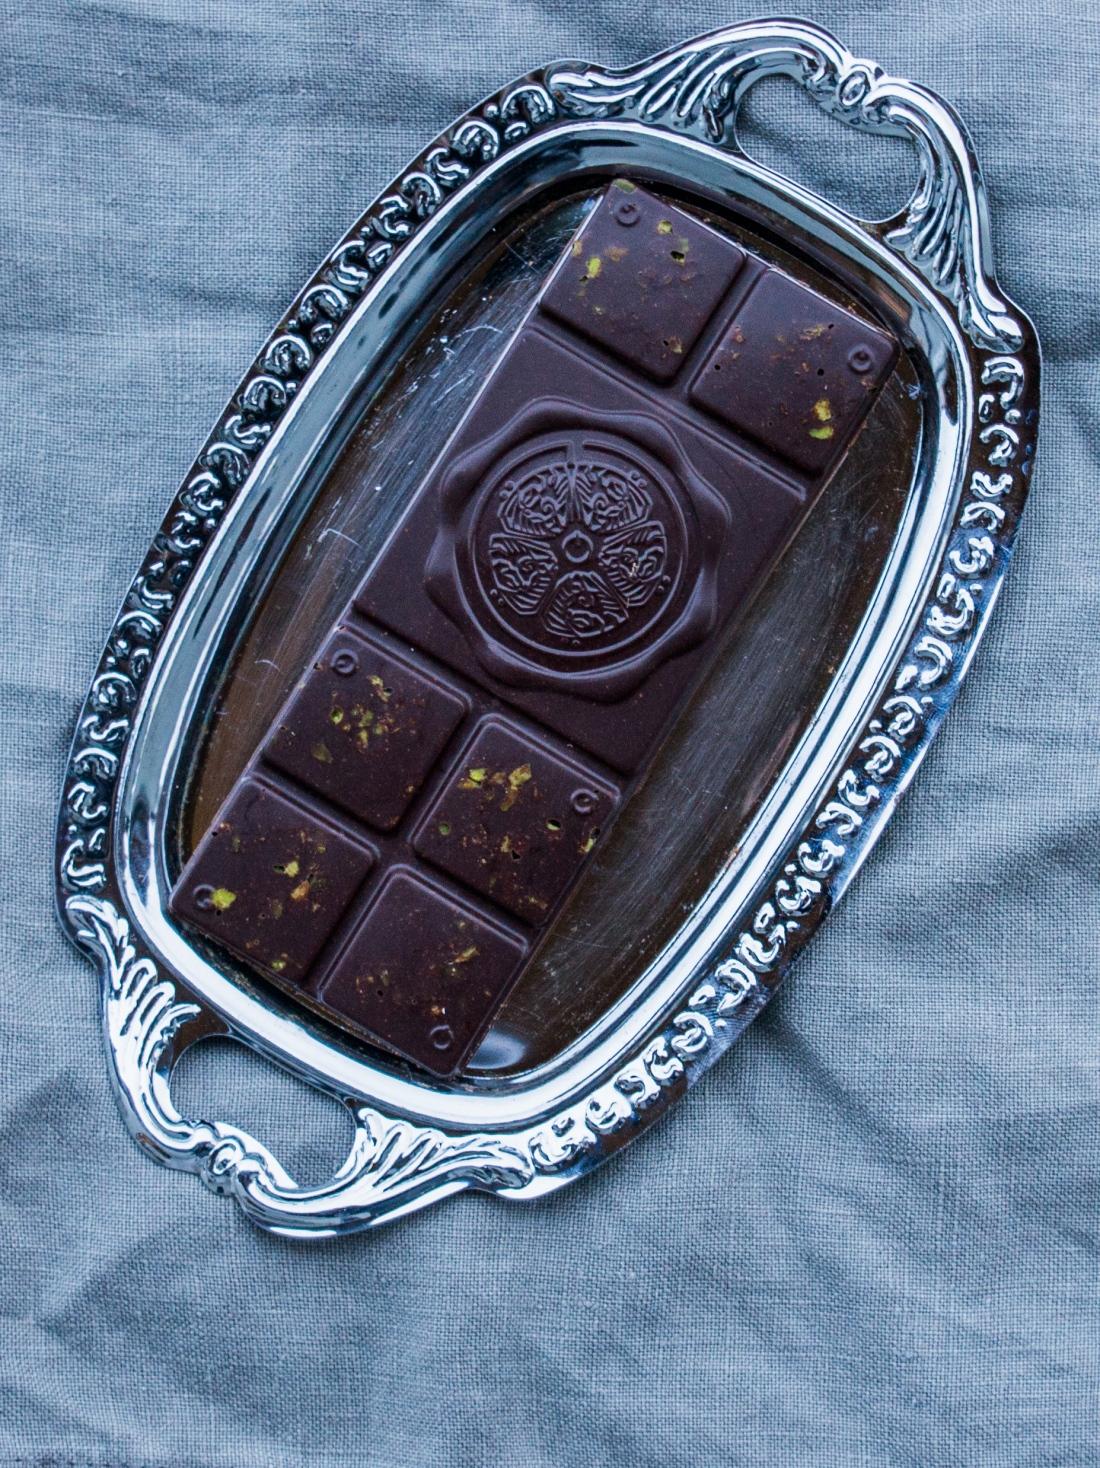 Schokolade3b.jpg